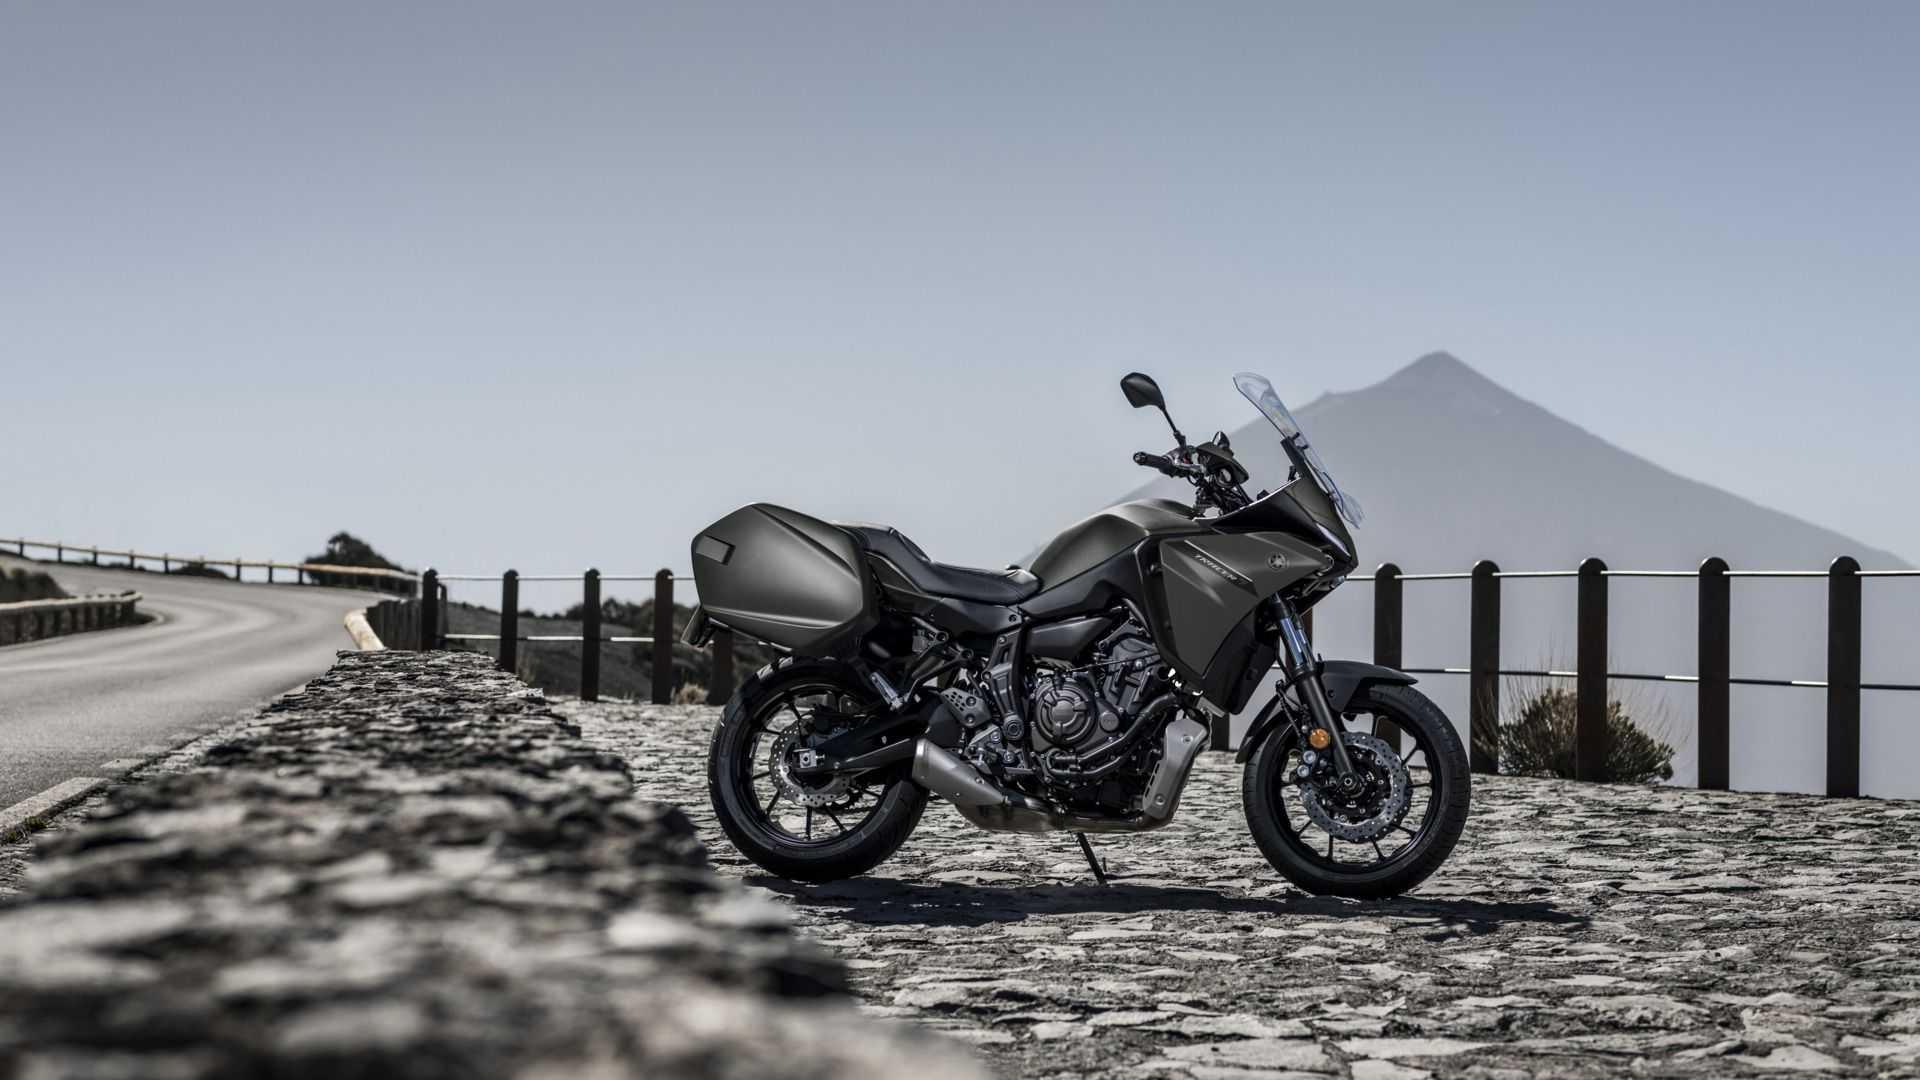 Yamaha ra mắt Tracer 7 GT 2021 - Thêm nhiều phụ kiện hấp dẫn dành cho phượt thủ